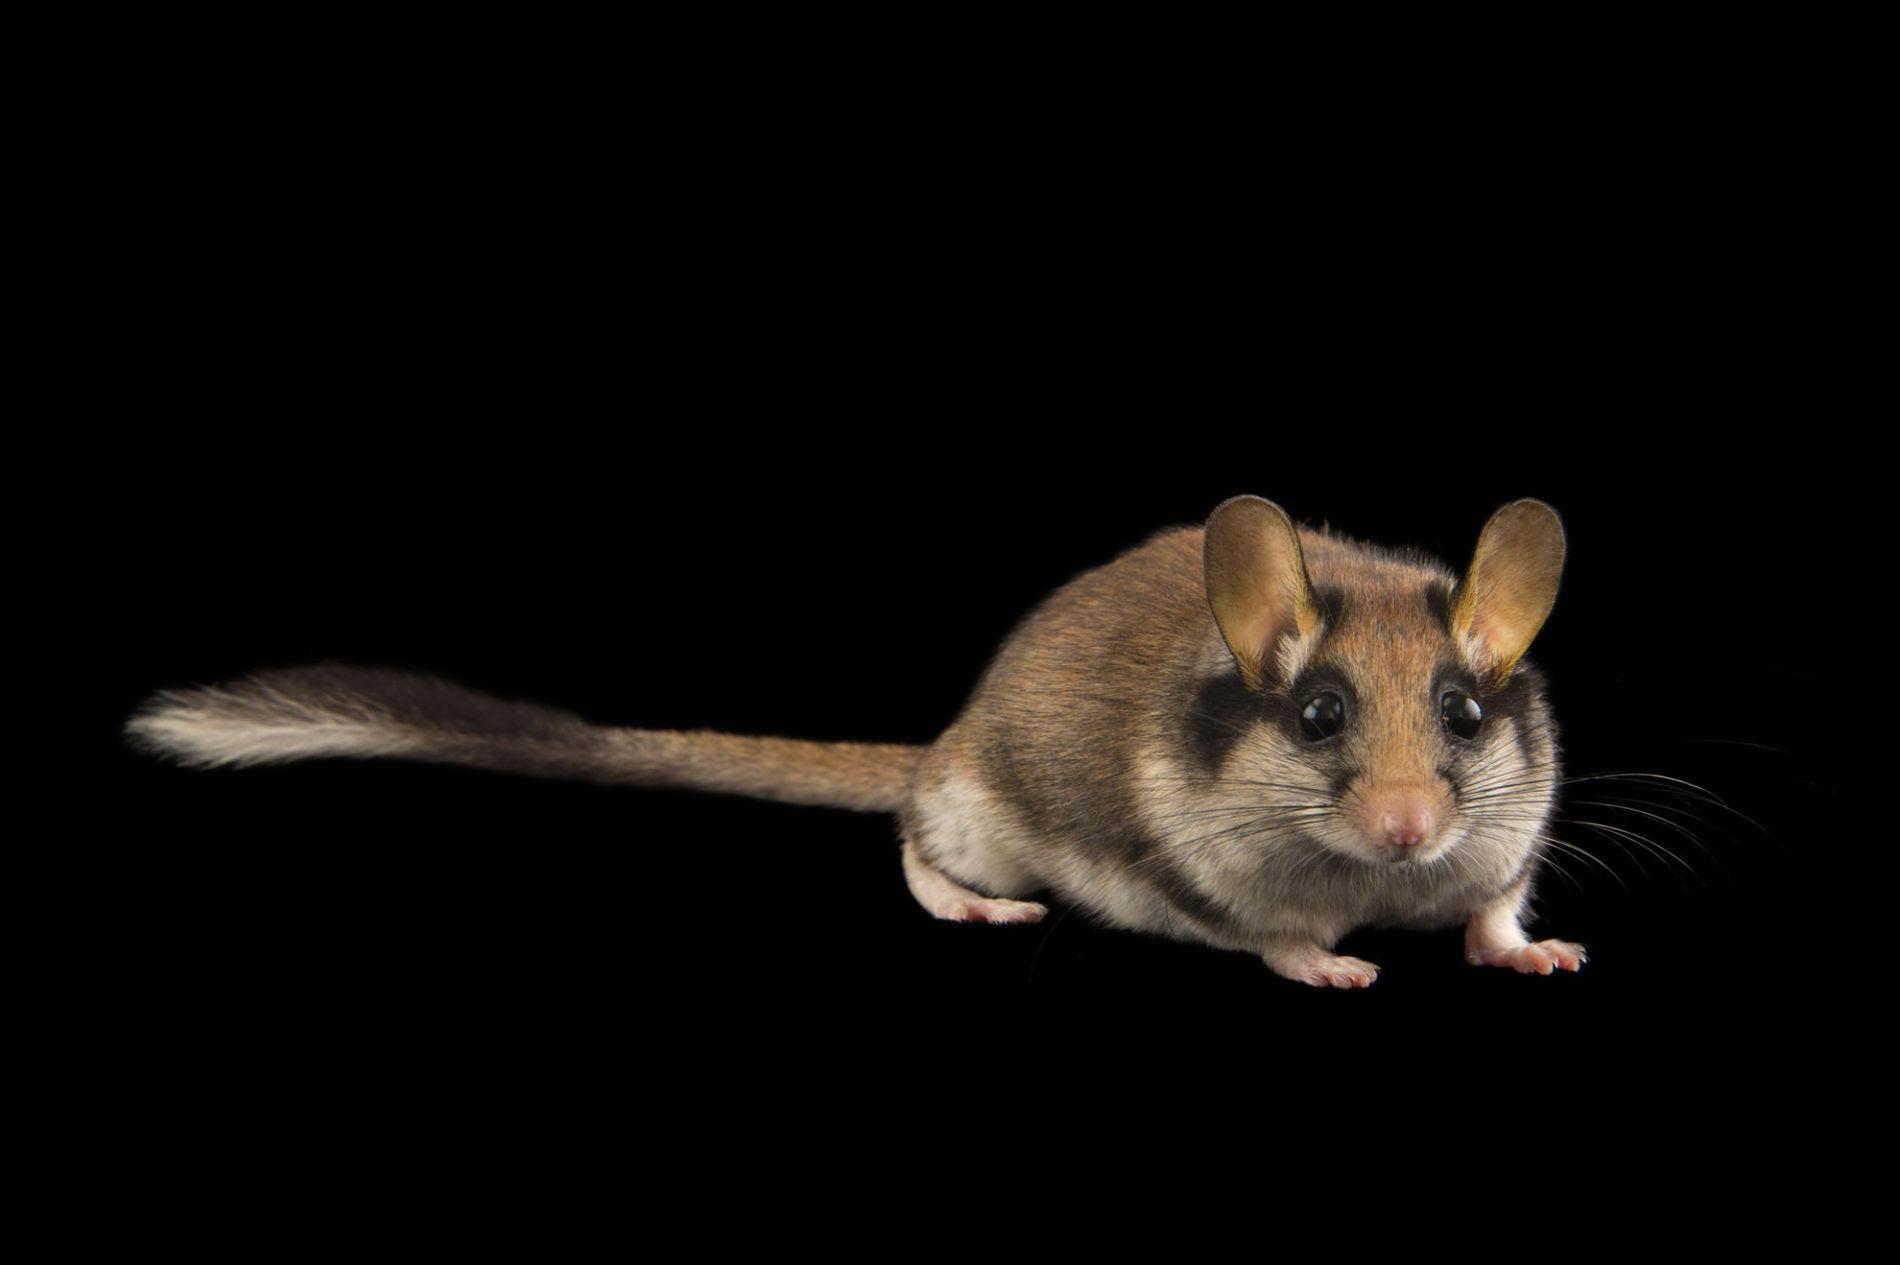 O Leirão, ou Rato-dos-Pomares, de nome científico Eliomys quercinus.